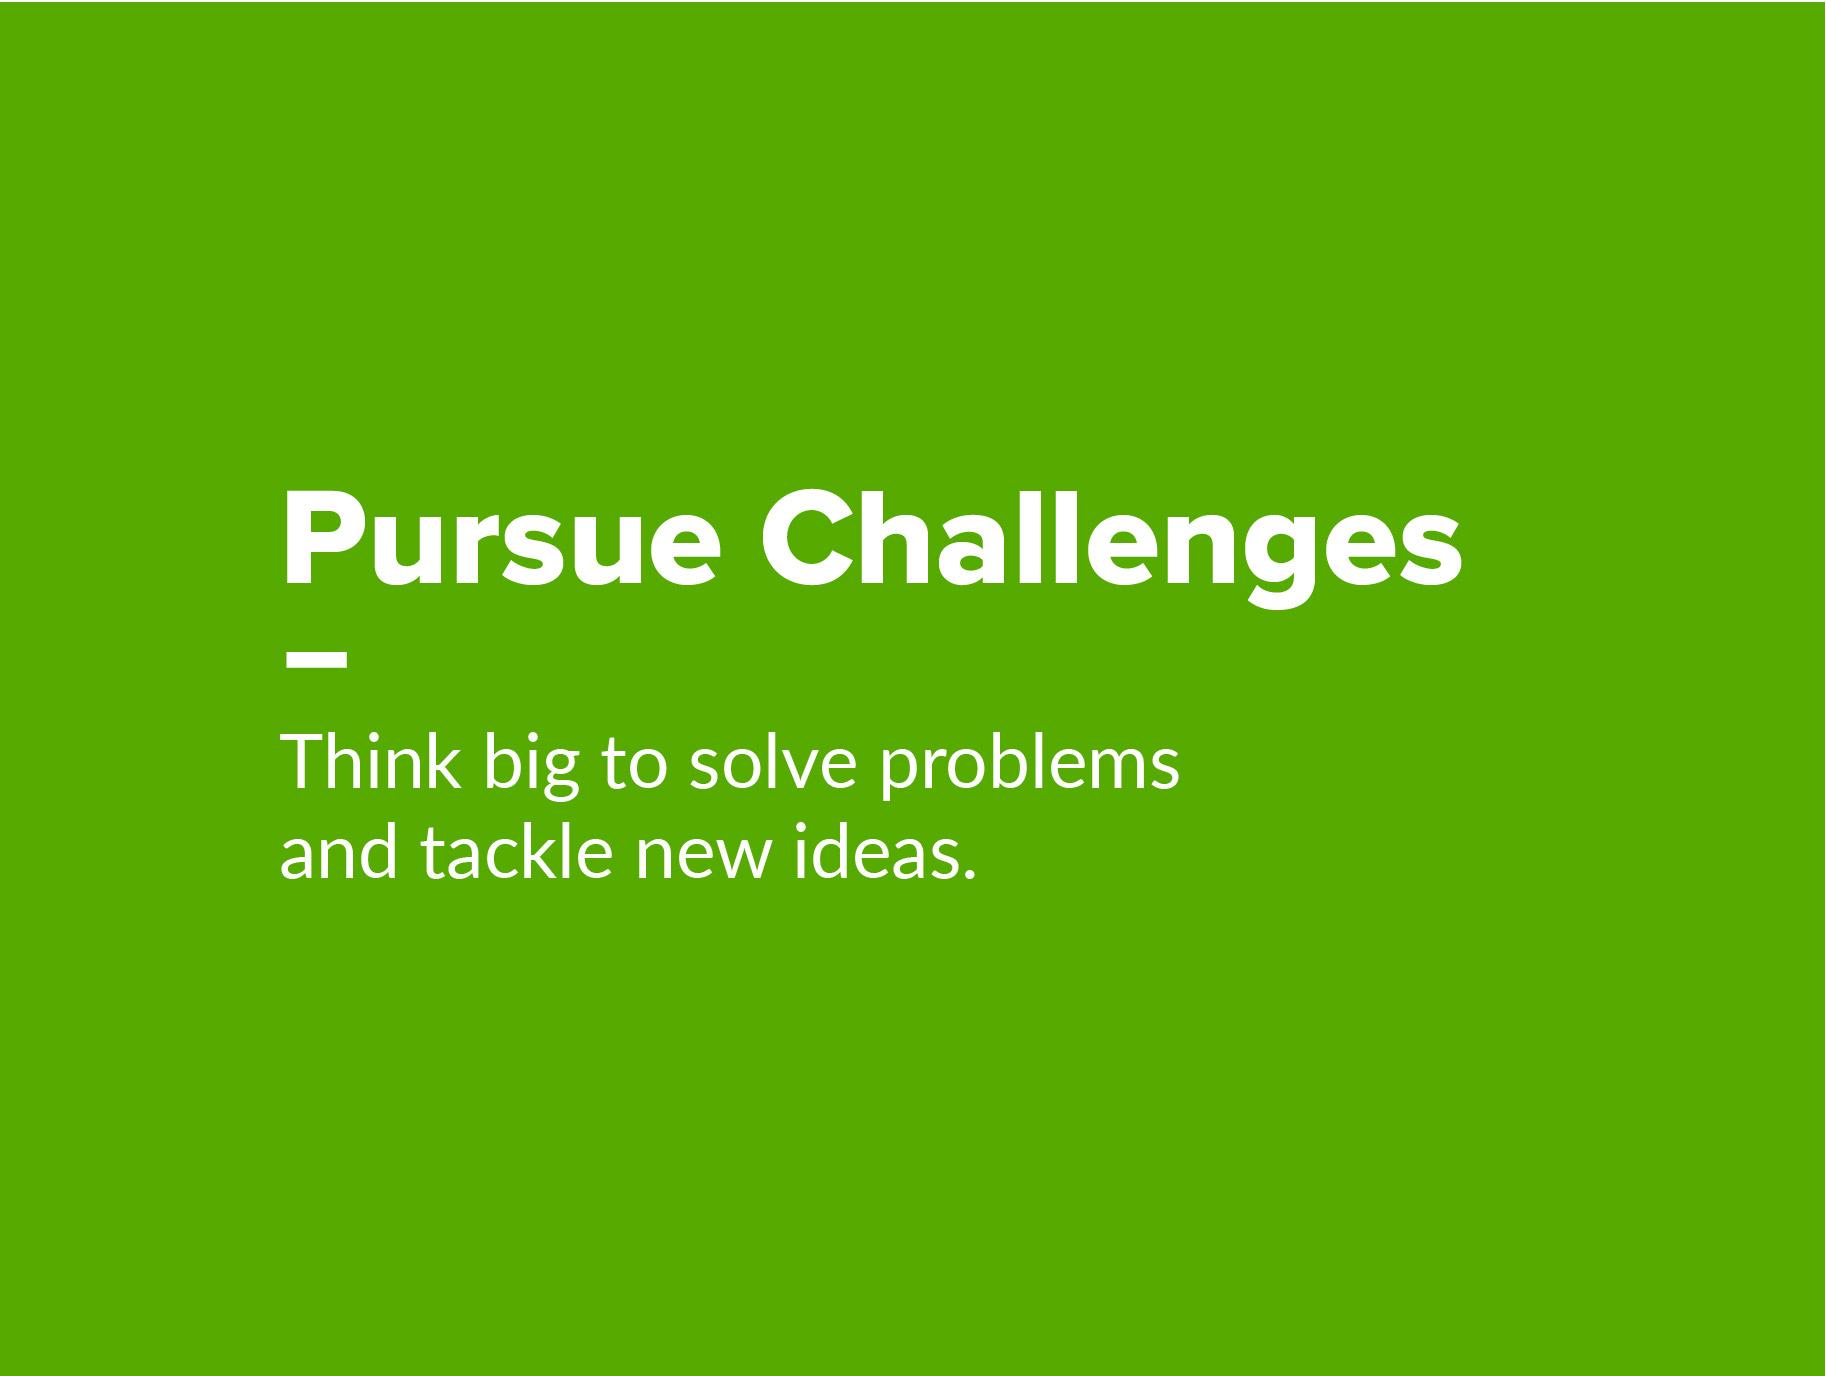 pursue_chall-01.jpg